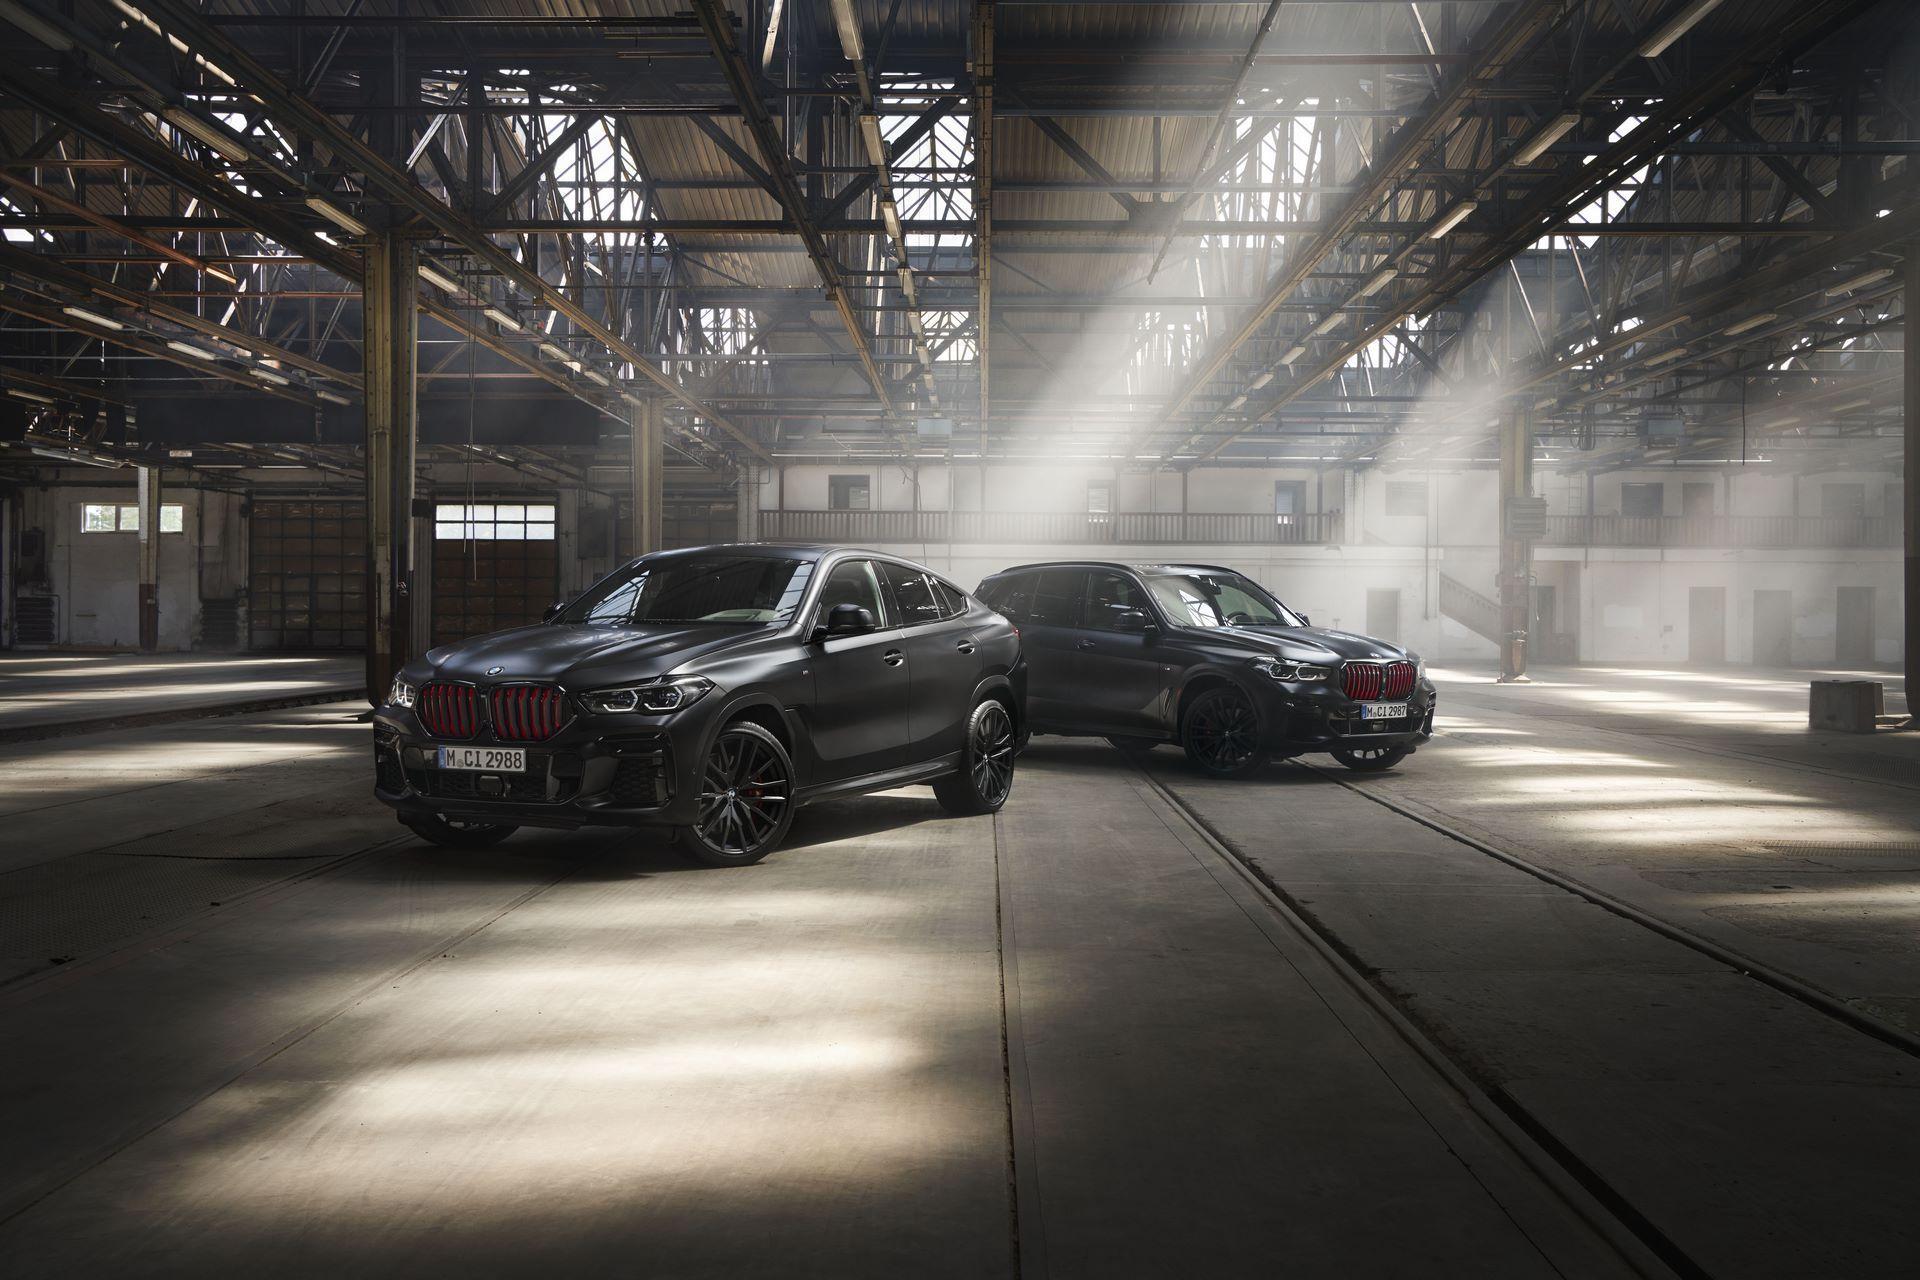 BMW-X5-Χ6-Black-Vermilion-X7-Limited-Edition-3